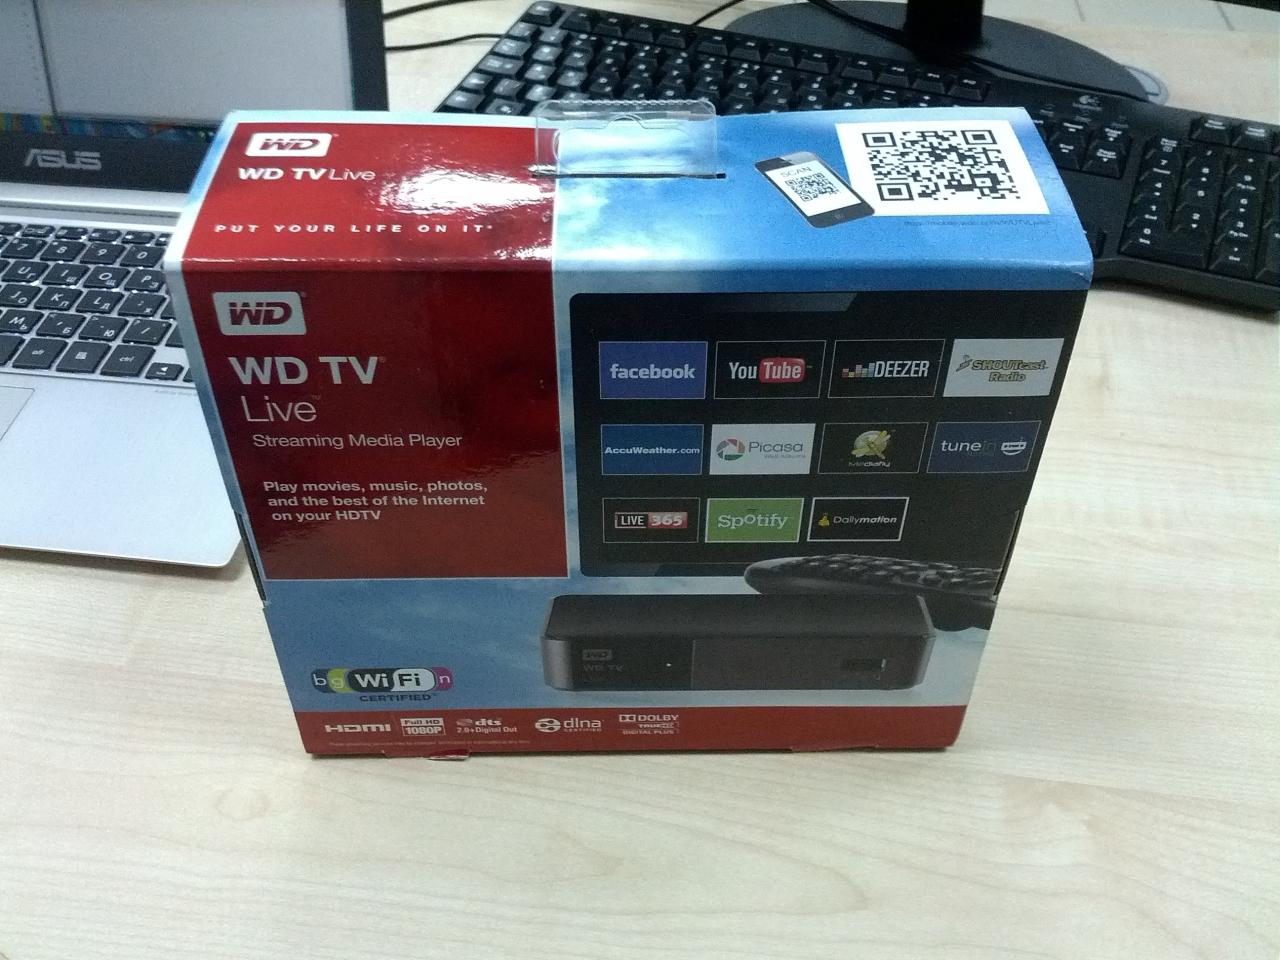 Wd tv live инструкция скачать